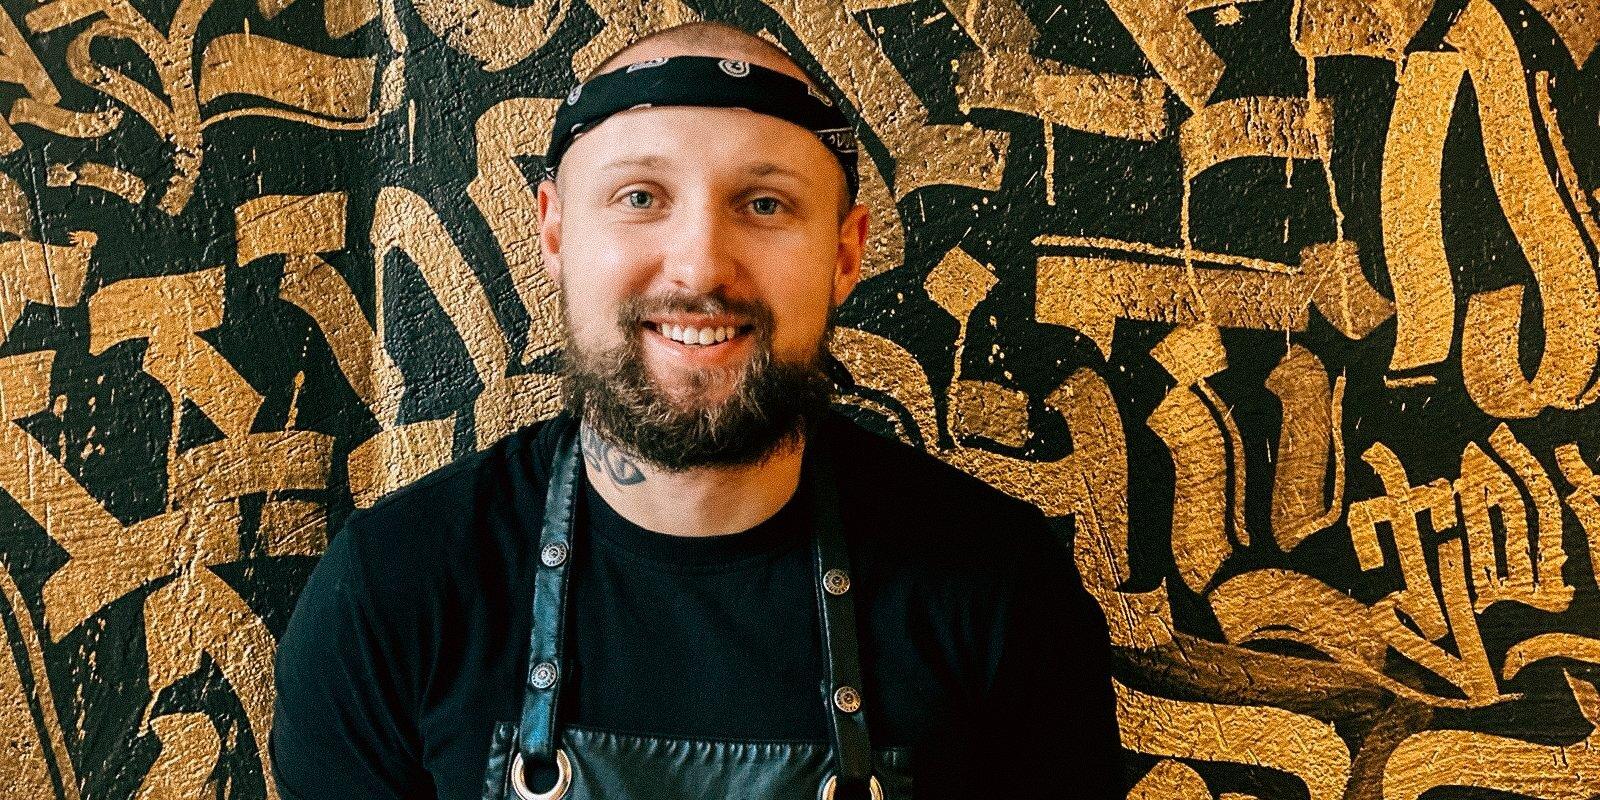 Kaspara ambīcijas, kas palīdzēja atvērt jaunu restorānu par 20 tūkstošiem